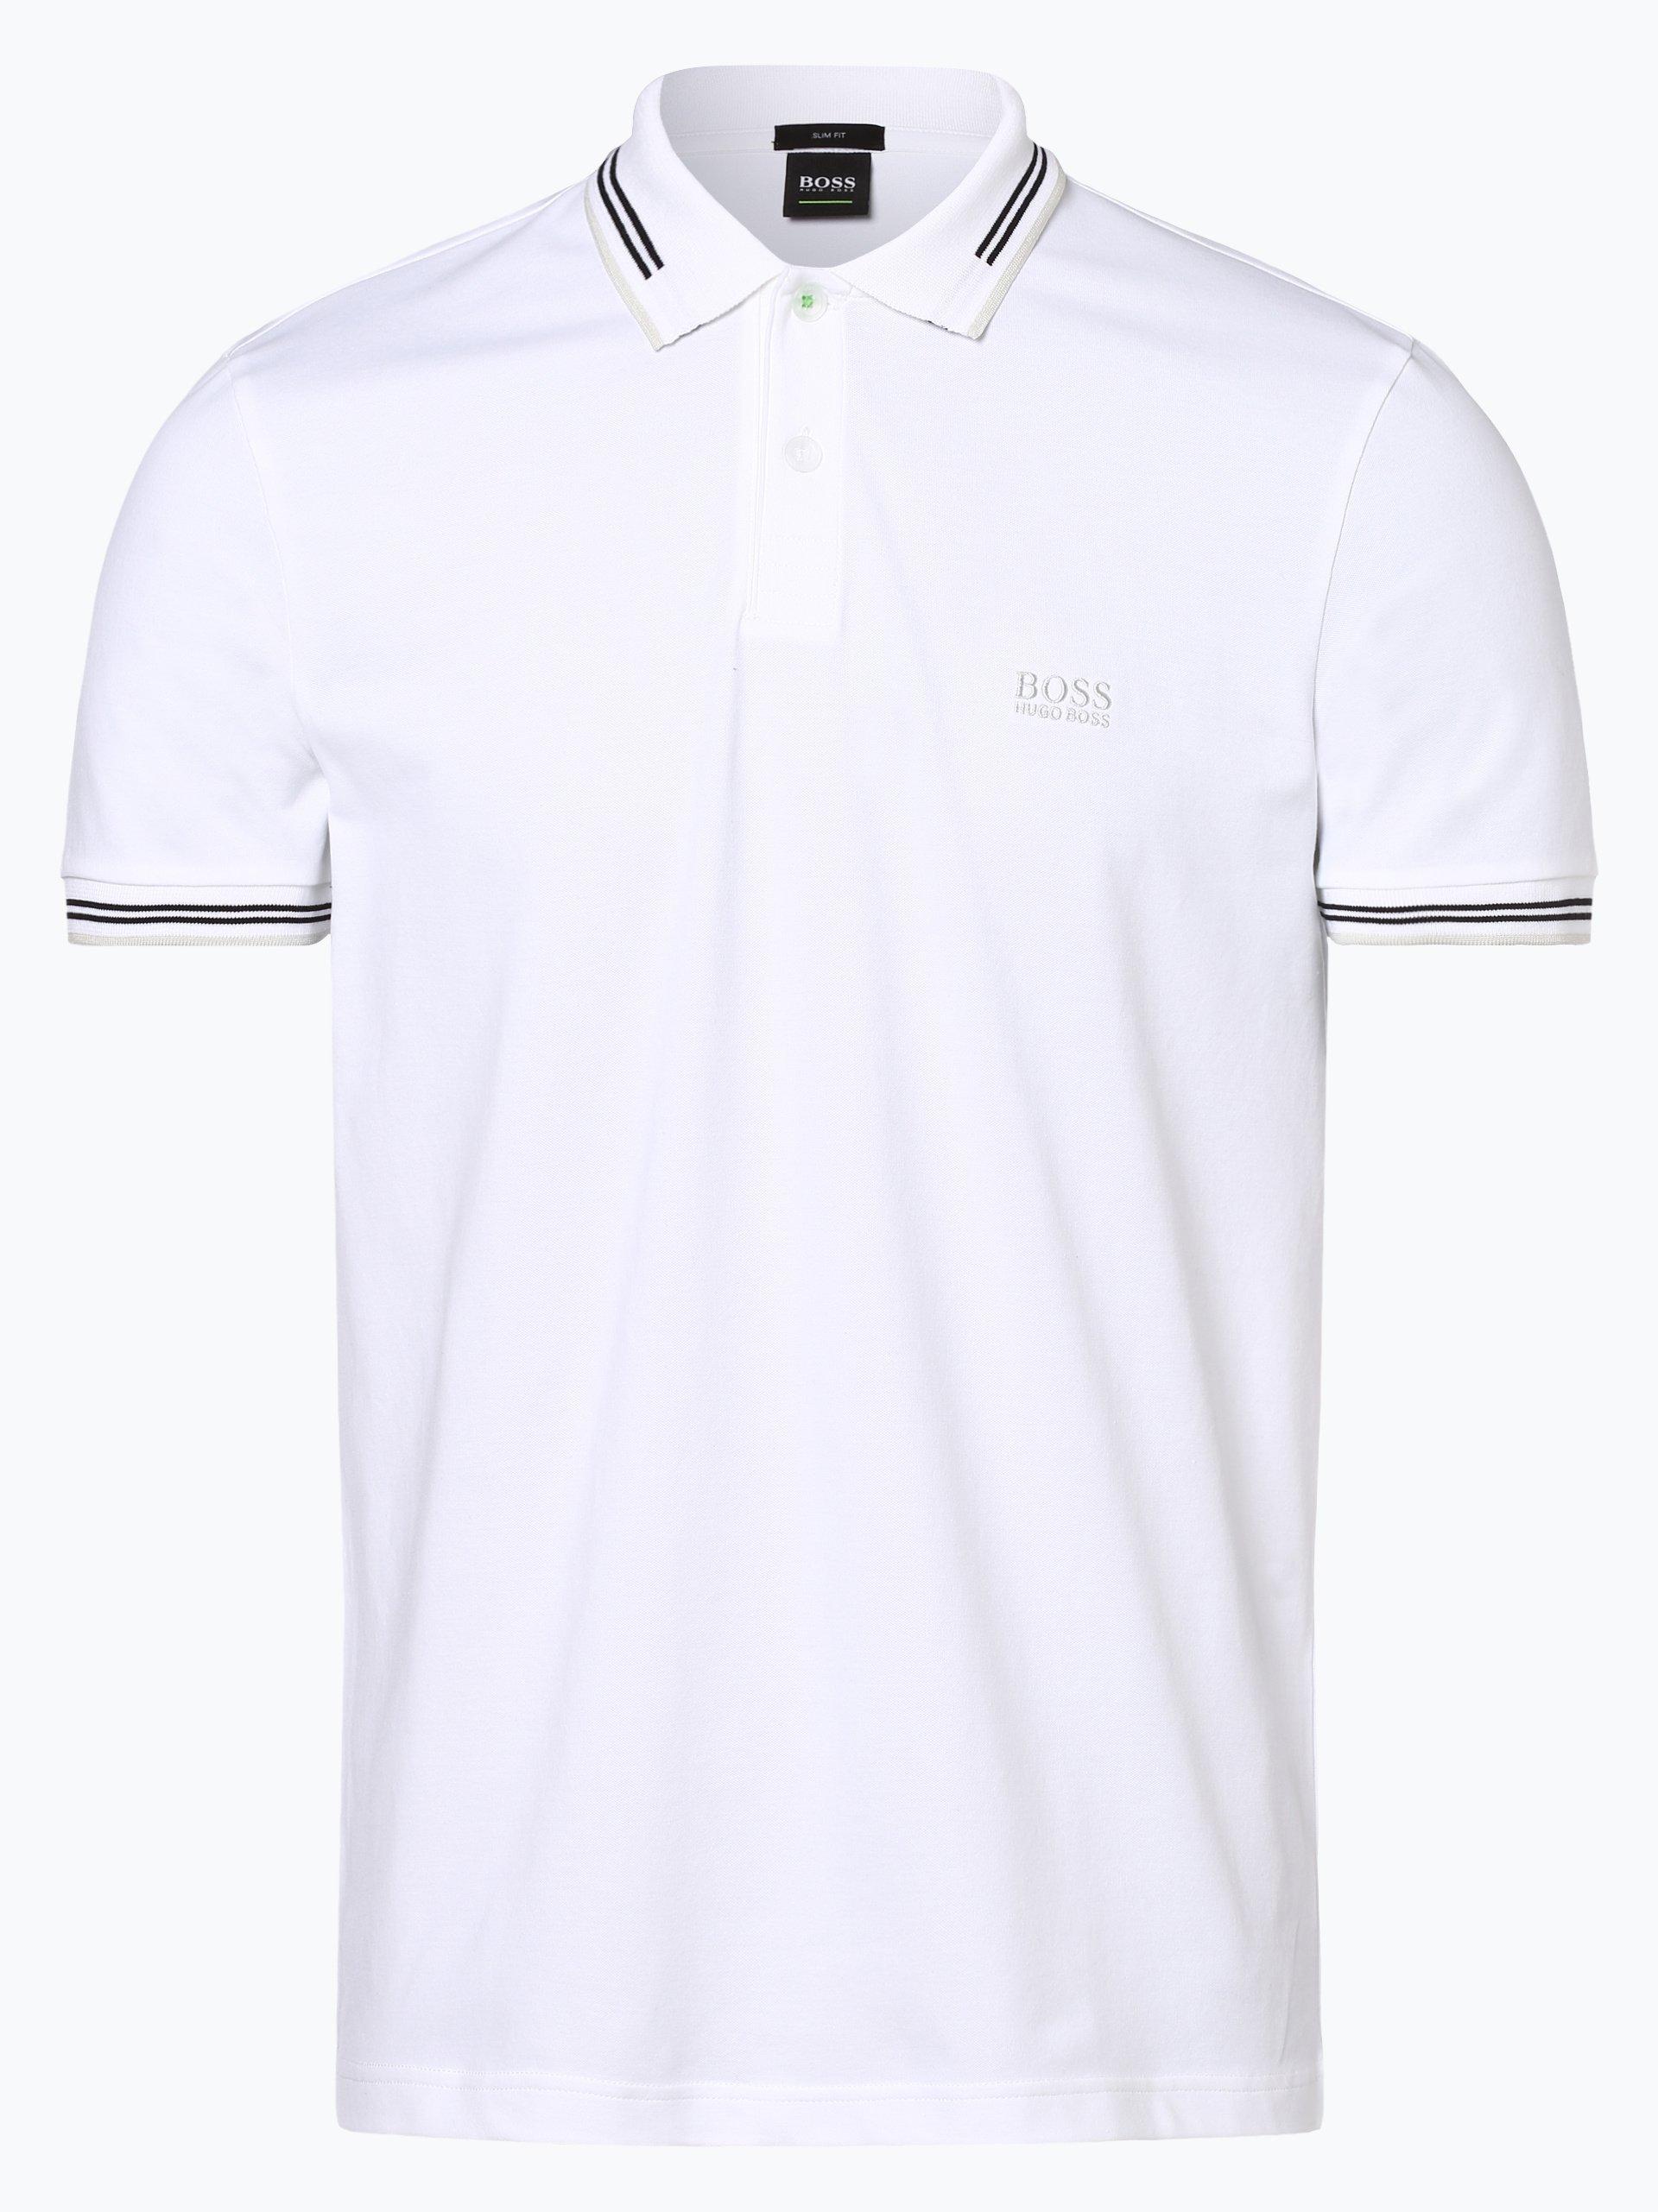 BOSS Athleisure Herren Poloshirt - Paul